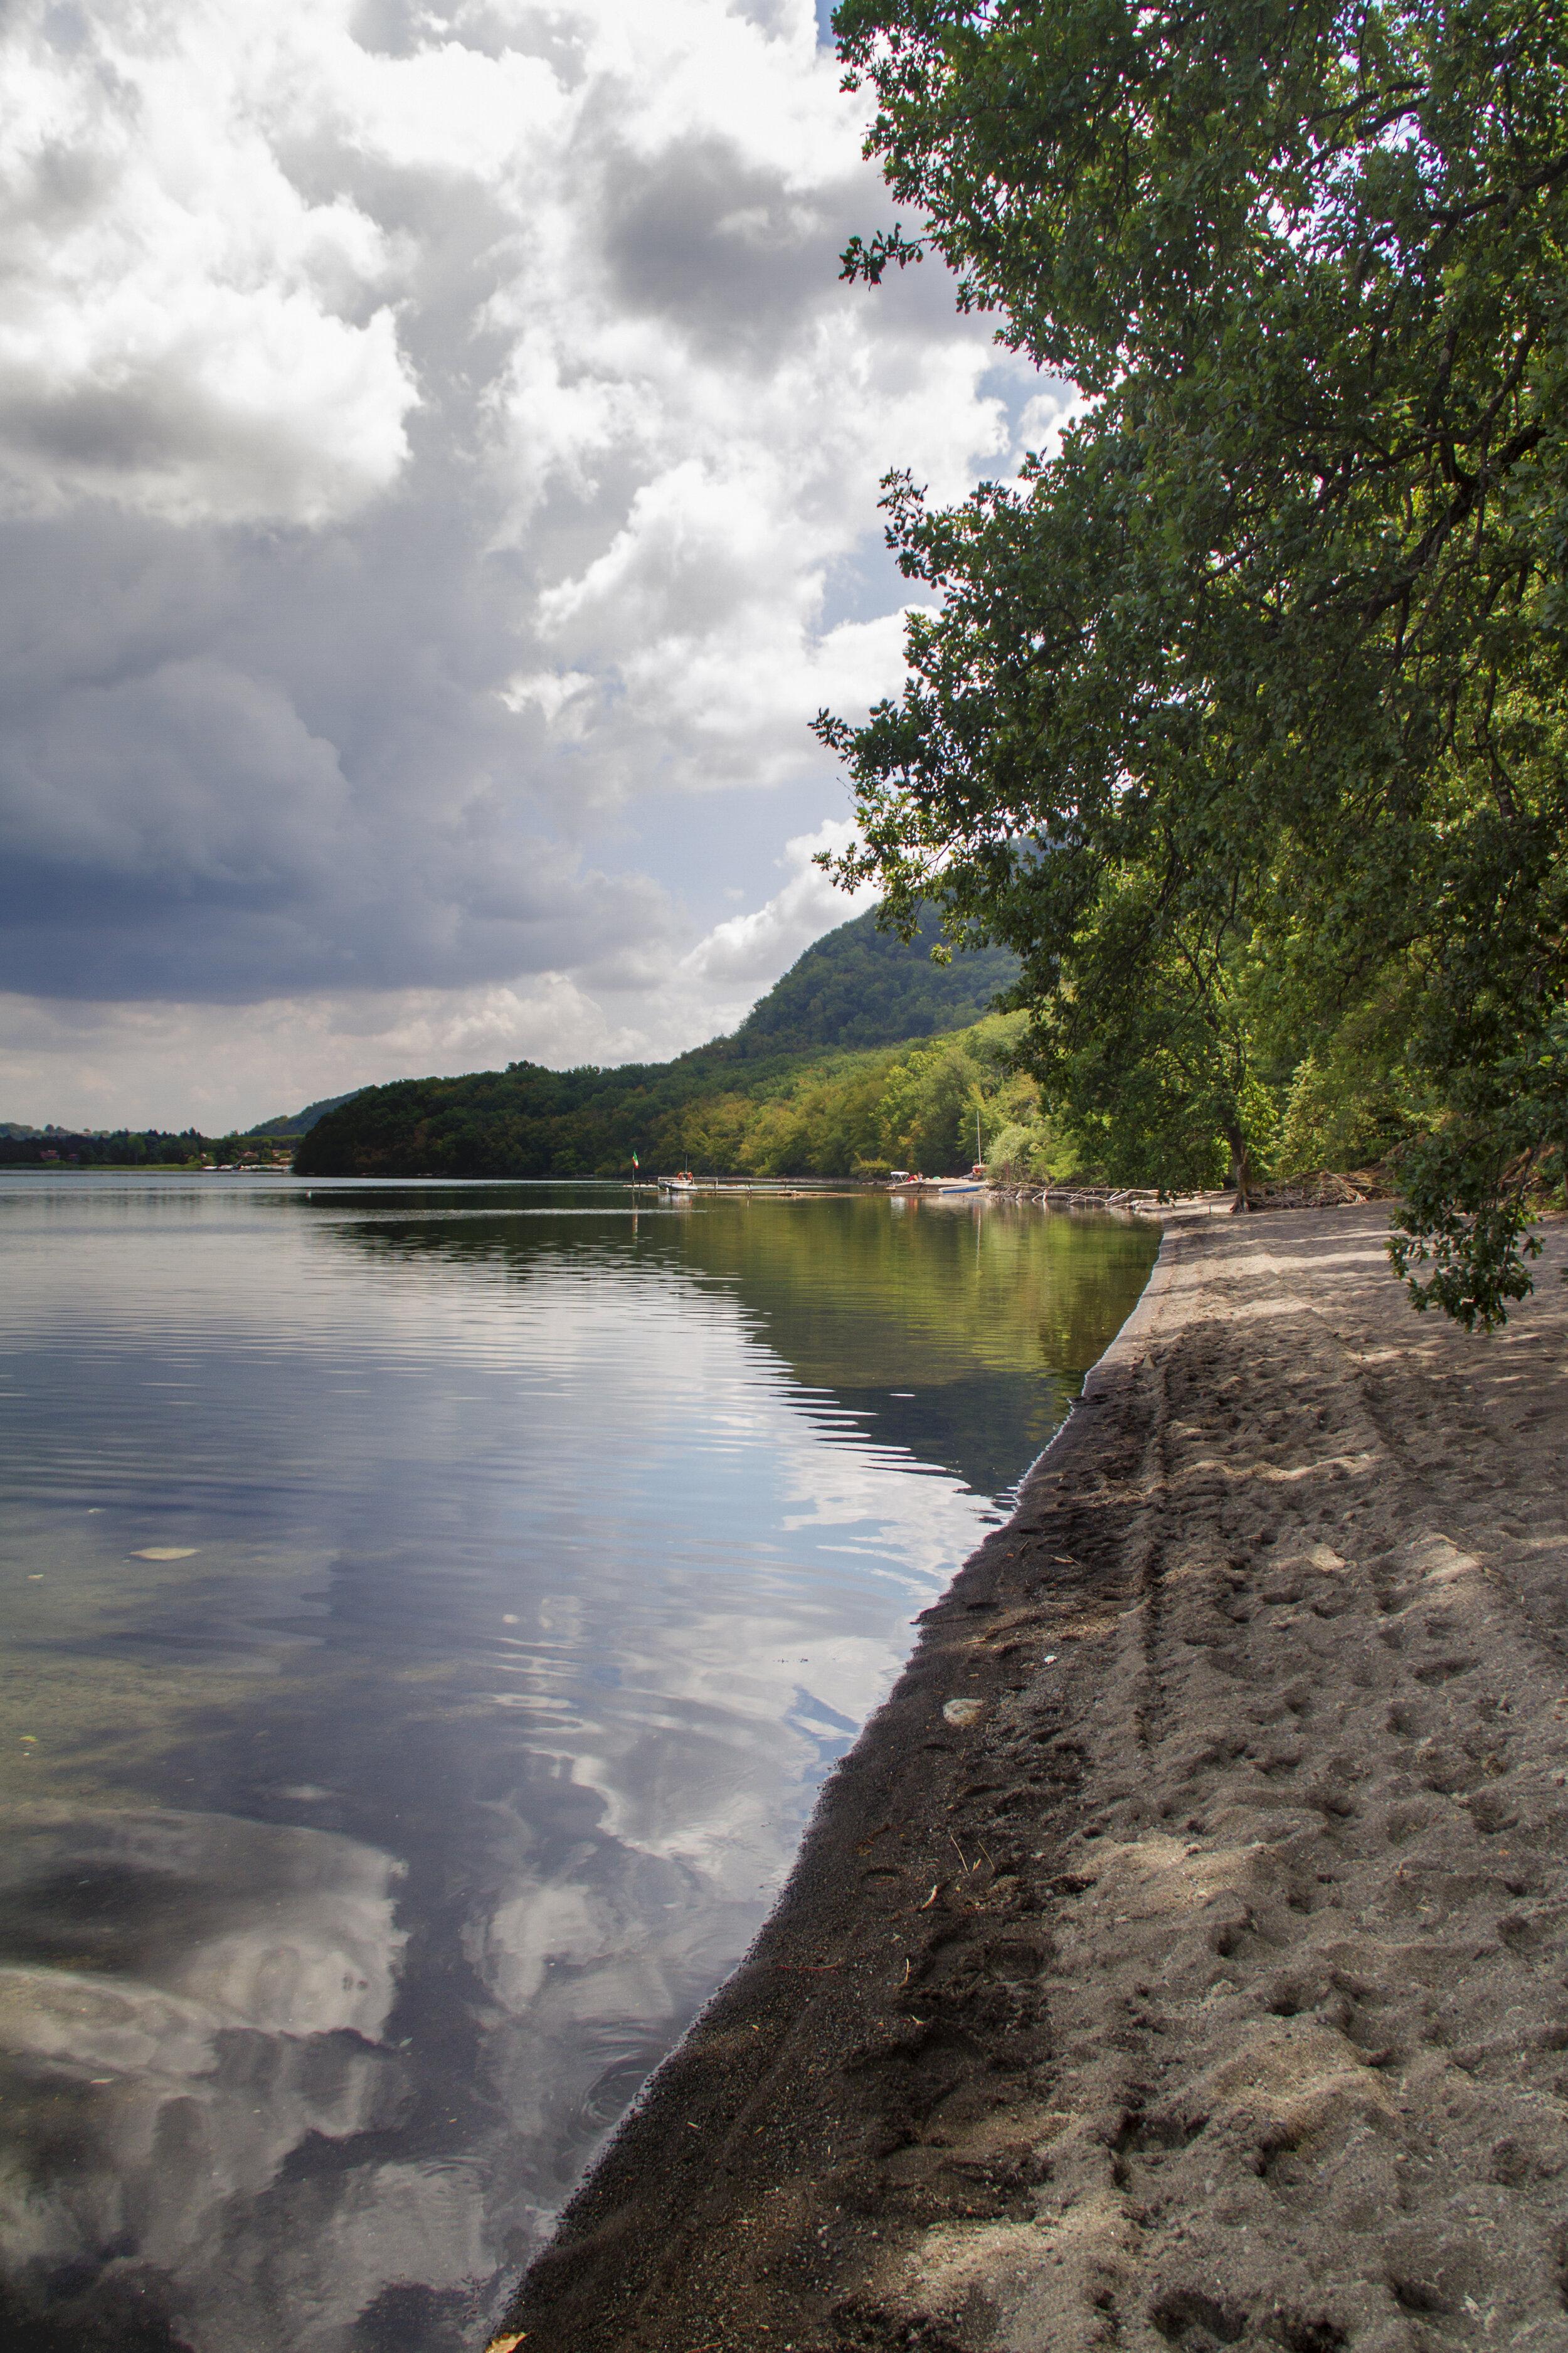 Lago di Vico - Il Lago di Vico è un lago vulcanico situato al centro dei Monti Cimini e una Riserva Naturale protetta. Una destinazione popolare sia in estate che in inverno. Le escursioni in canoa o a cavallo, sono solo alcune delle attività proposte.